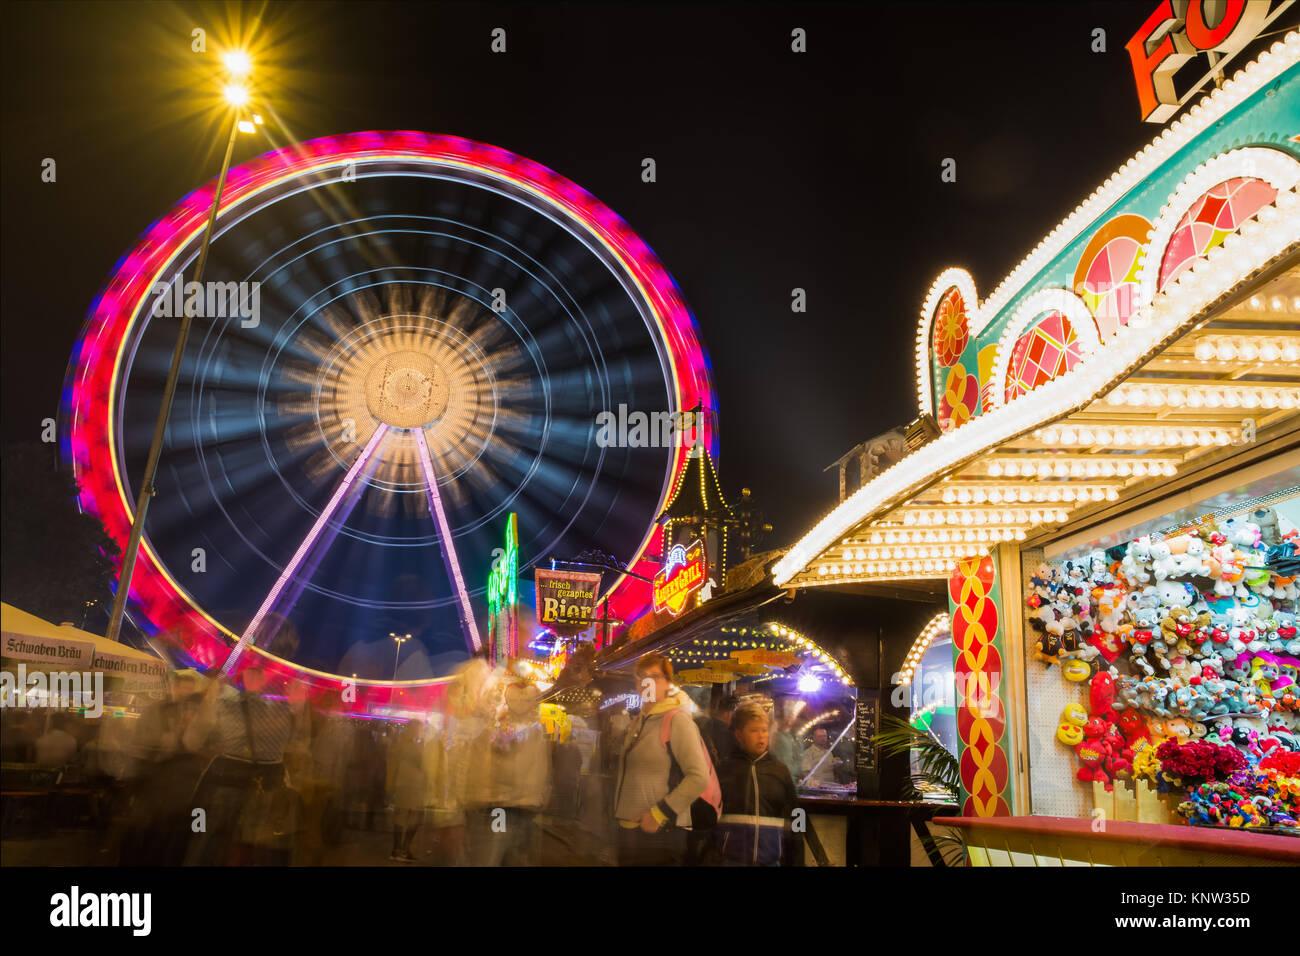 Bad Cannstatt Stuttgart Volksfest Landscape Oktoberfest Ferris Wheel Lights - Stock Image